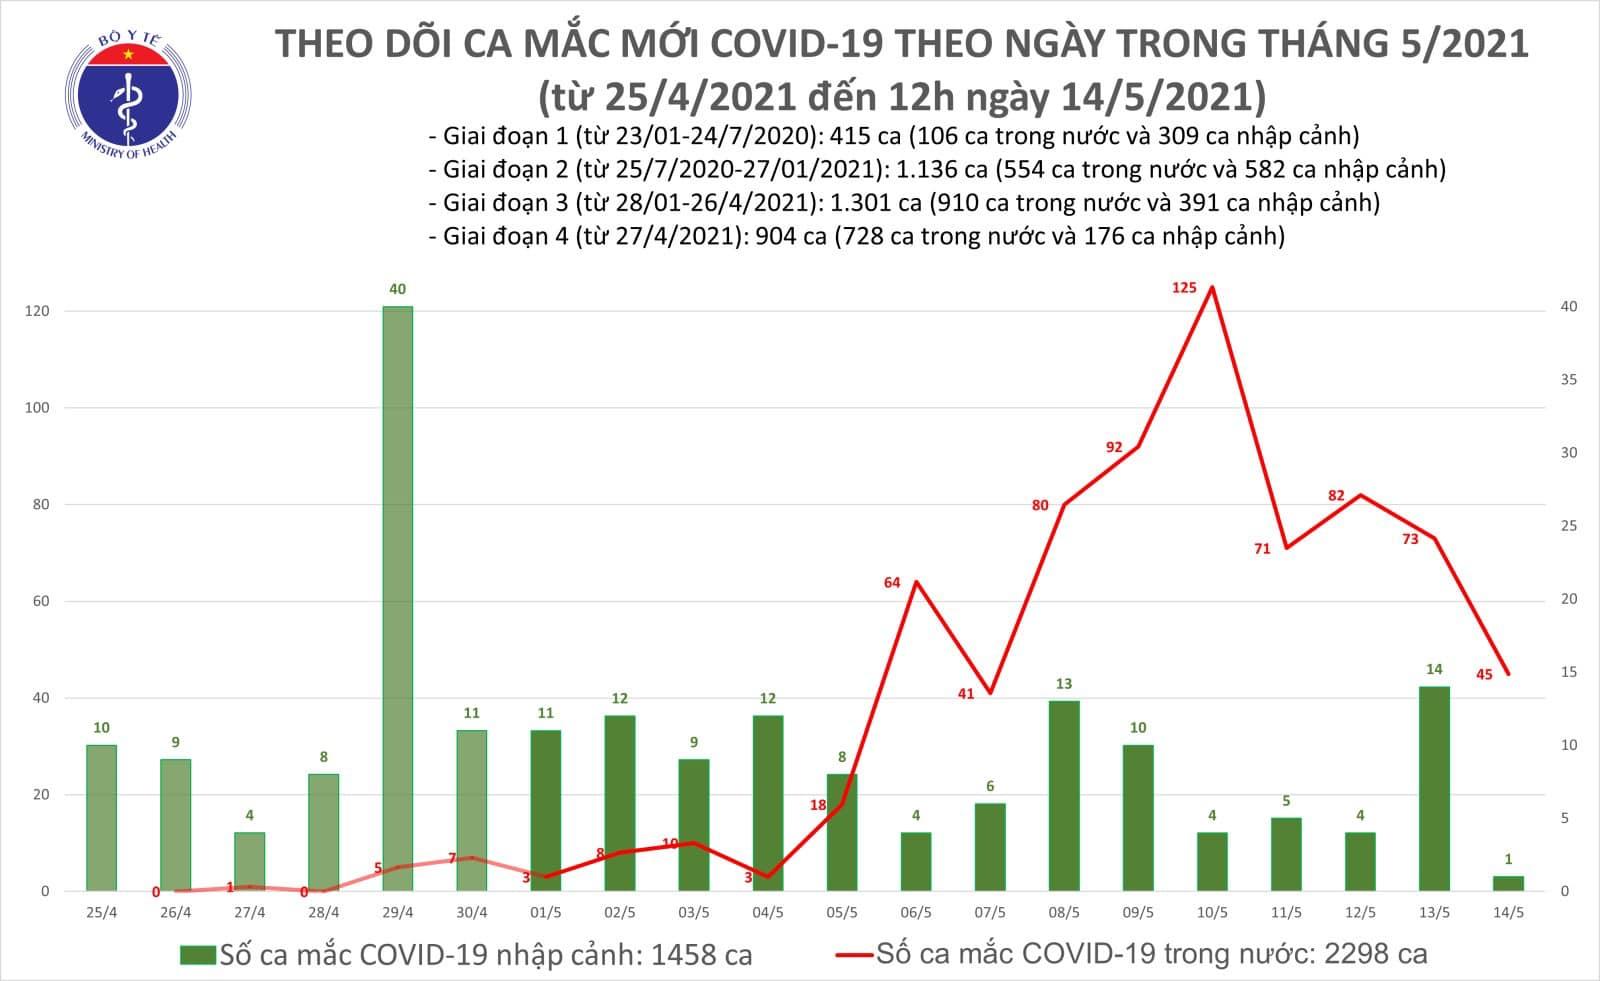 Trưa nay có 15 ca Covid-19 mới, trong đó có 2 nhân viên y tế - Ảnh 1.